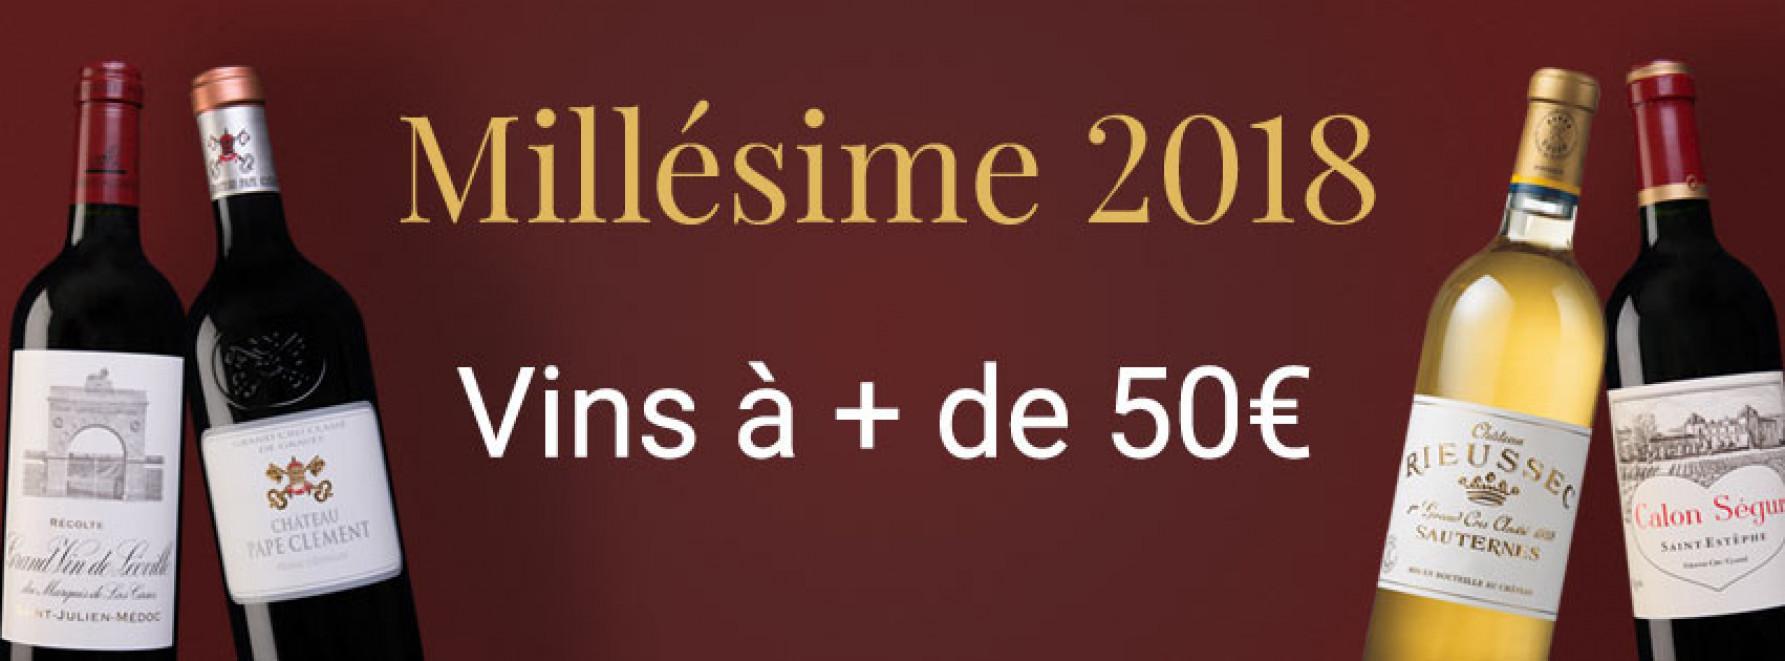 Millésime 2018 | Vins à + de 50€